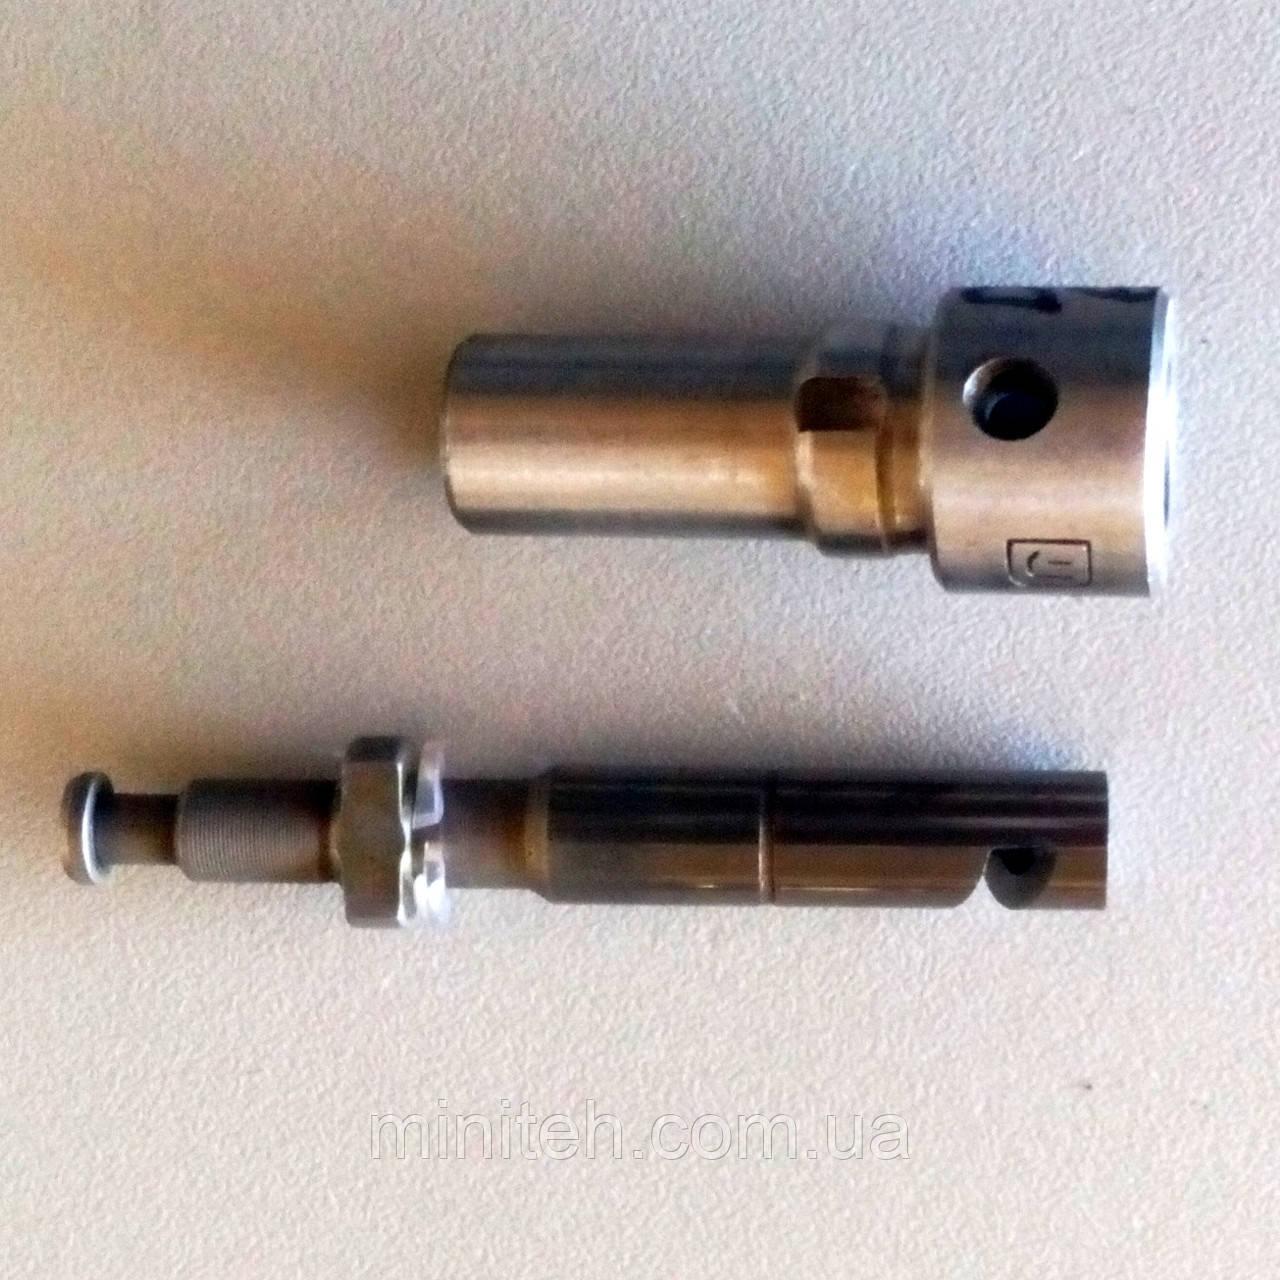 Плунжерна пара D-9 мм ХТ-160/180